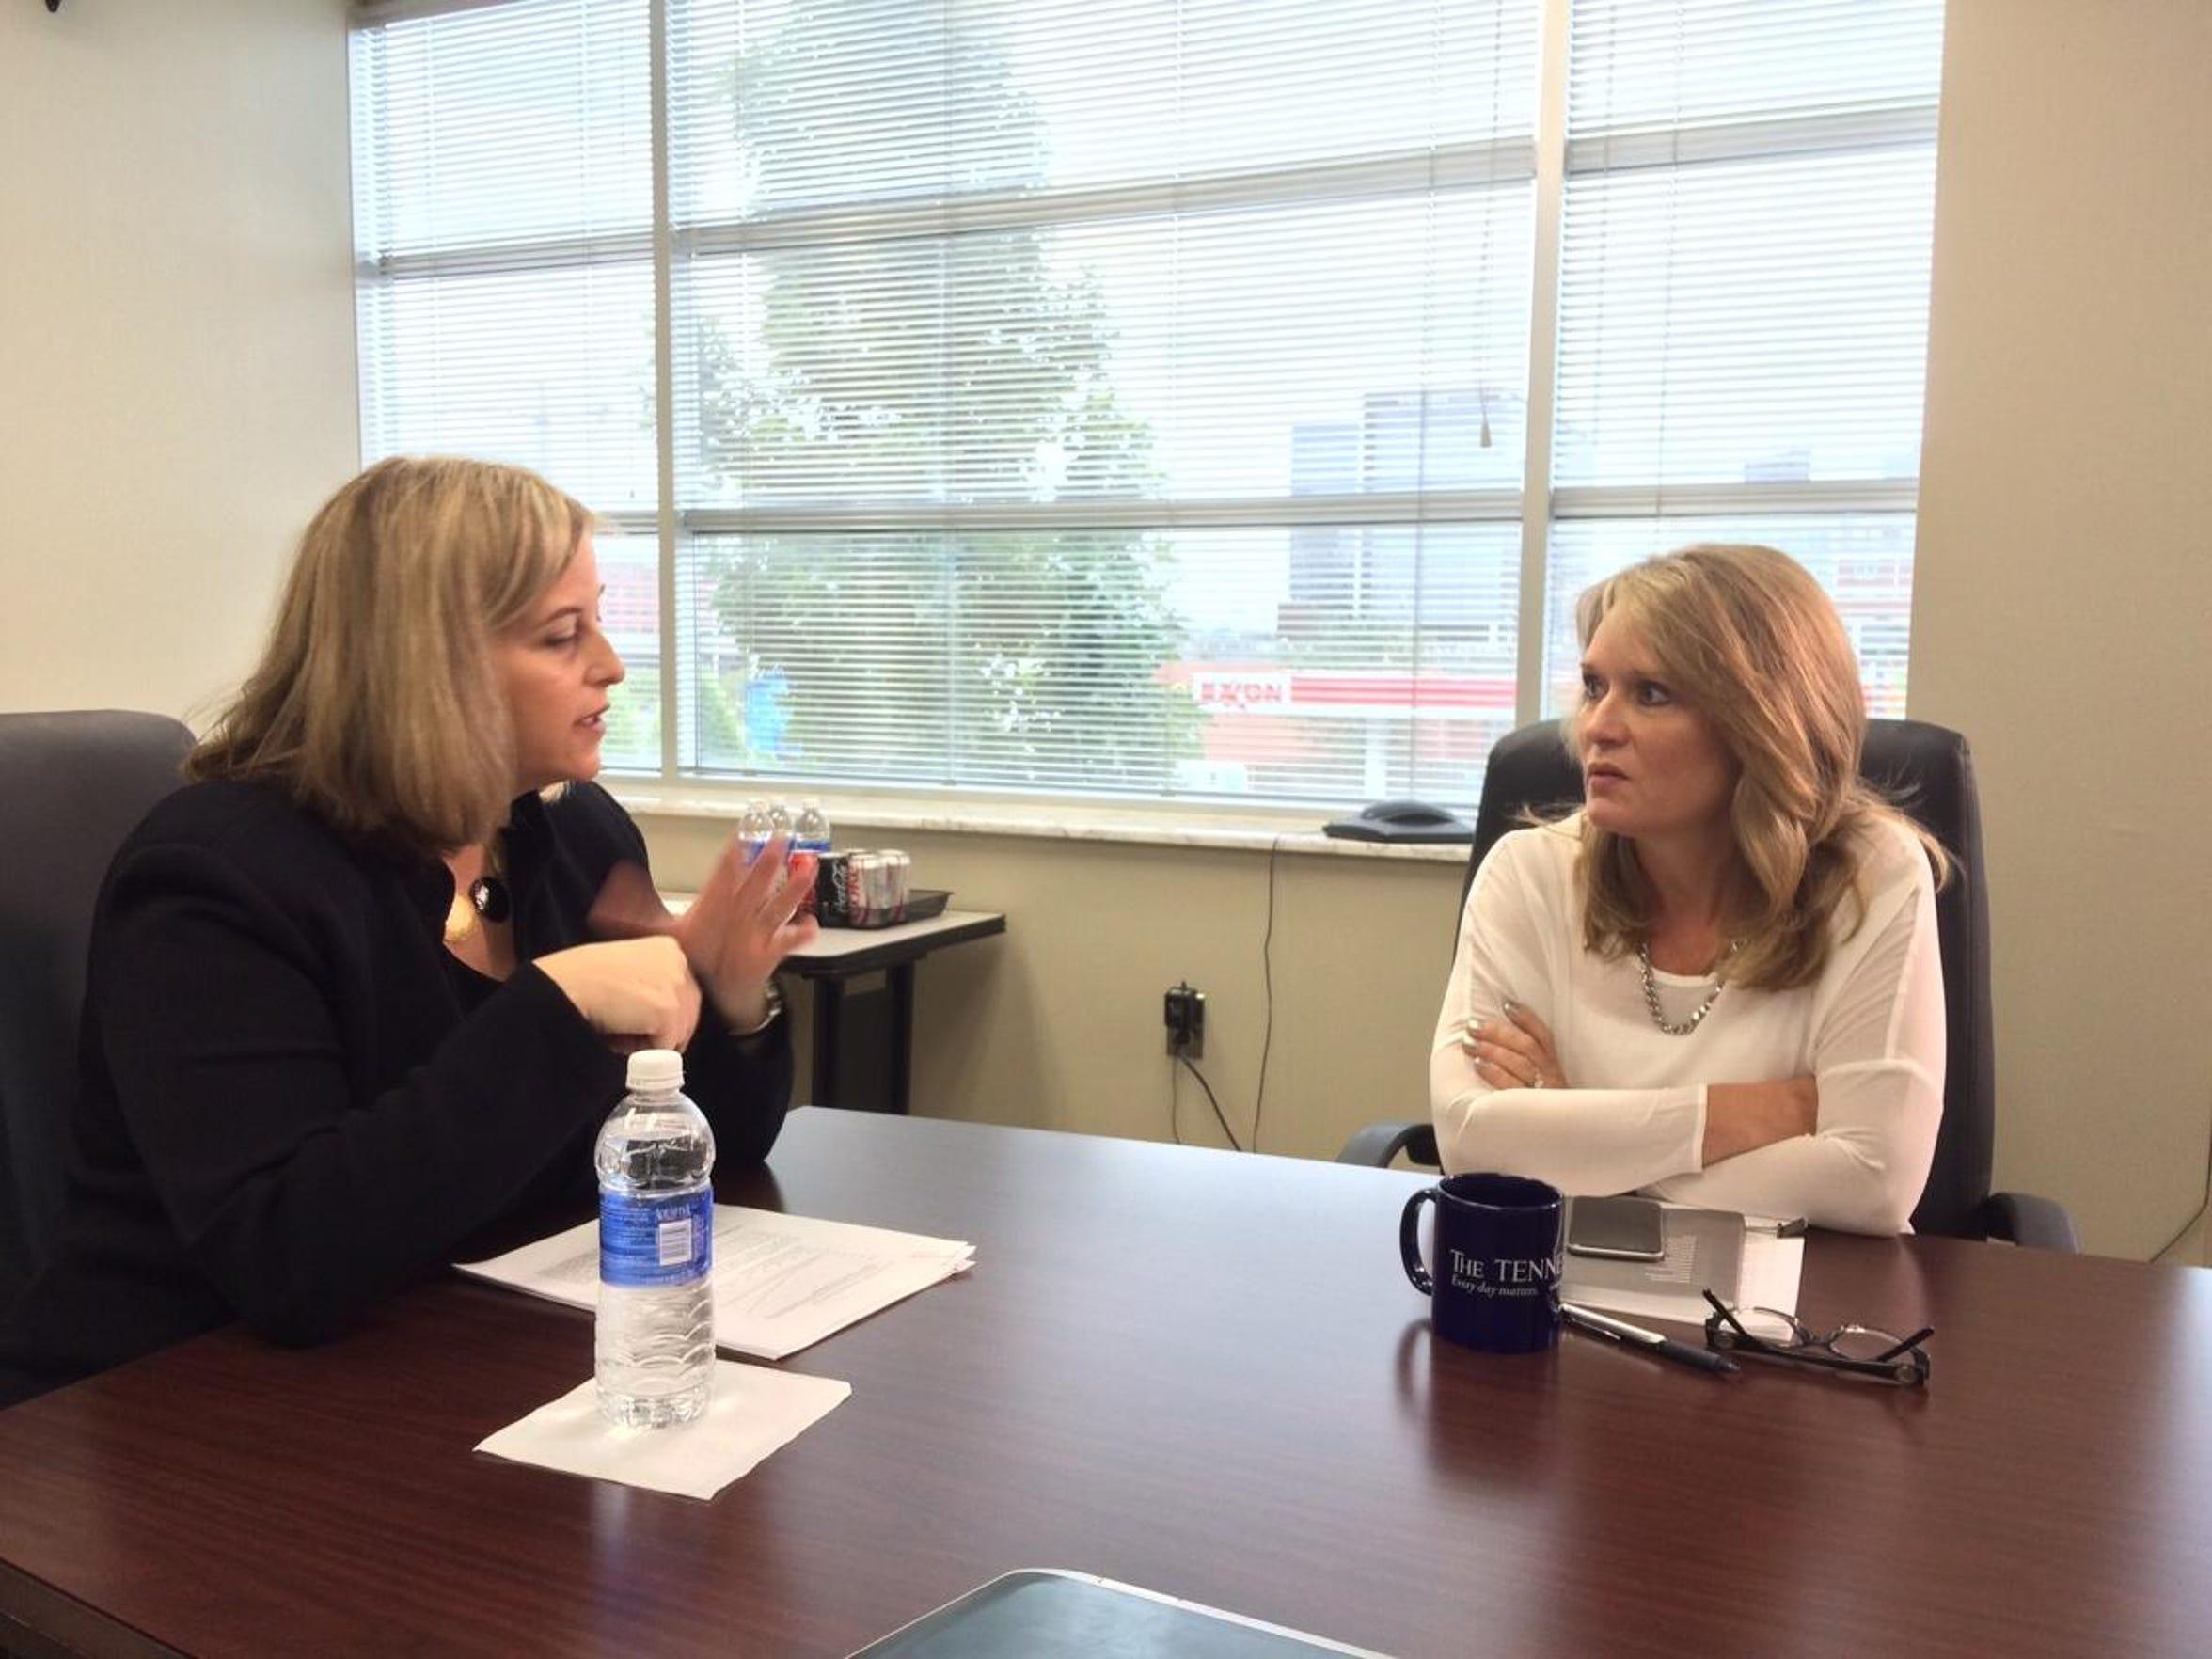 Nashville mayoral candidate Megan Barry speaks to The